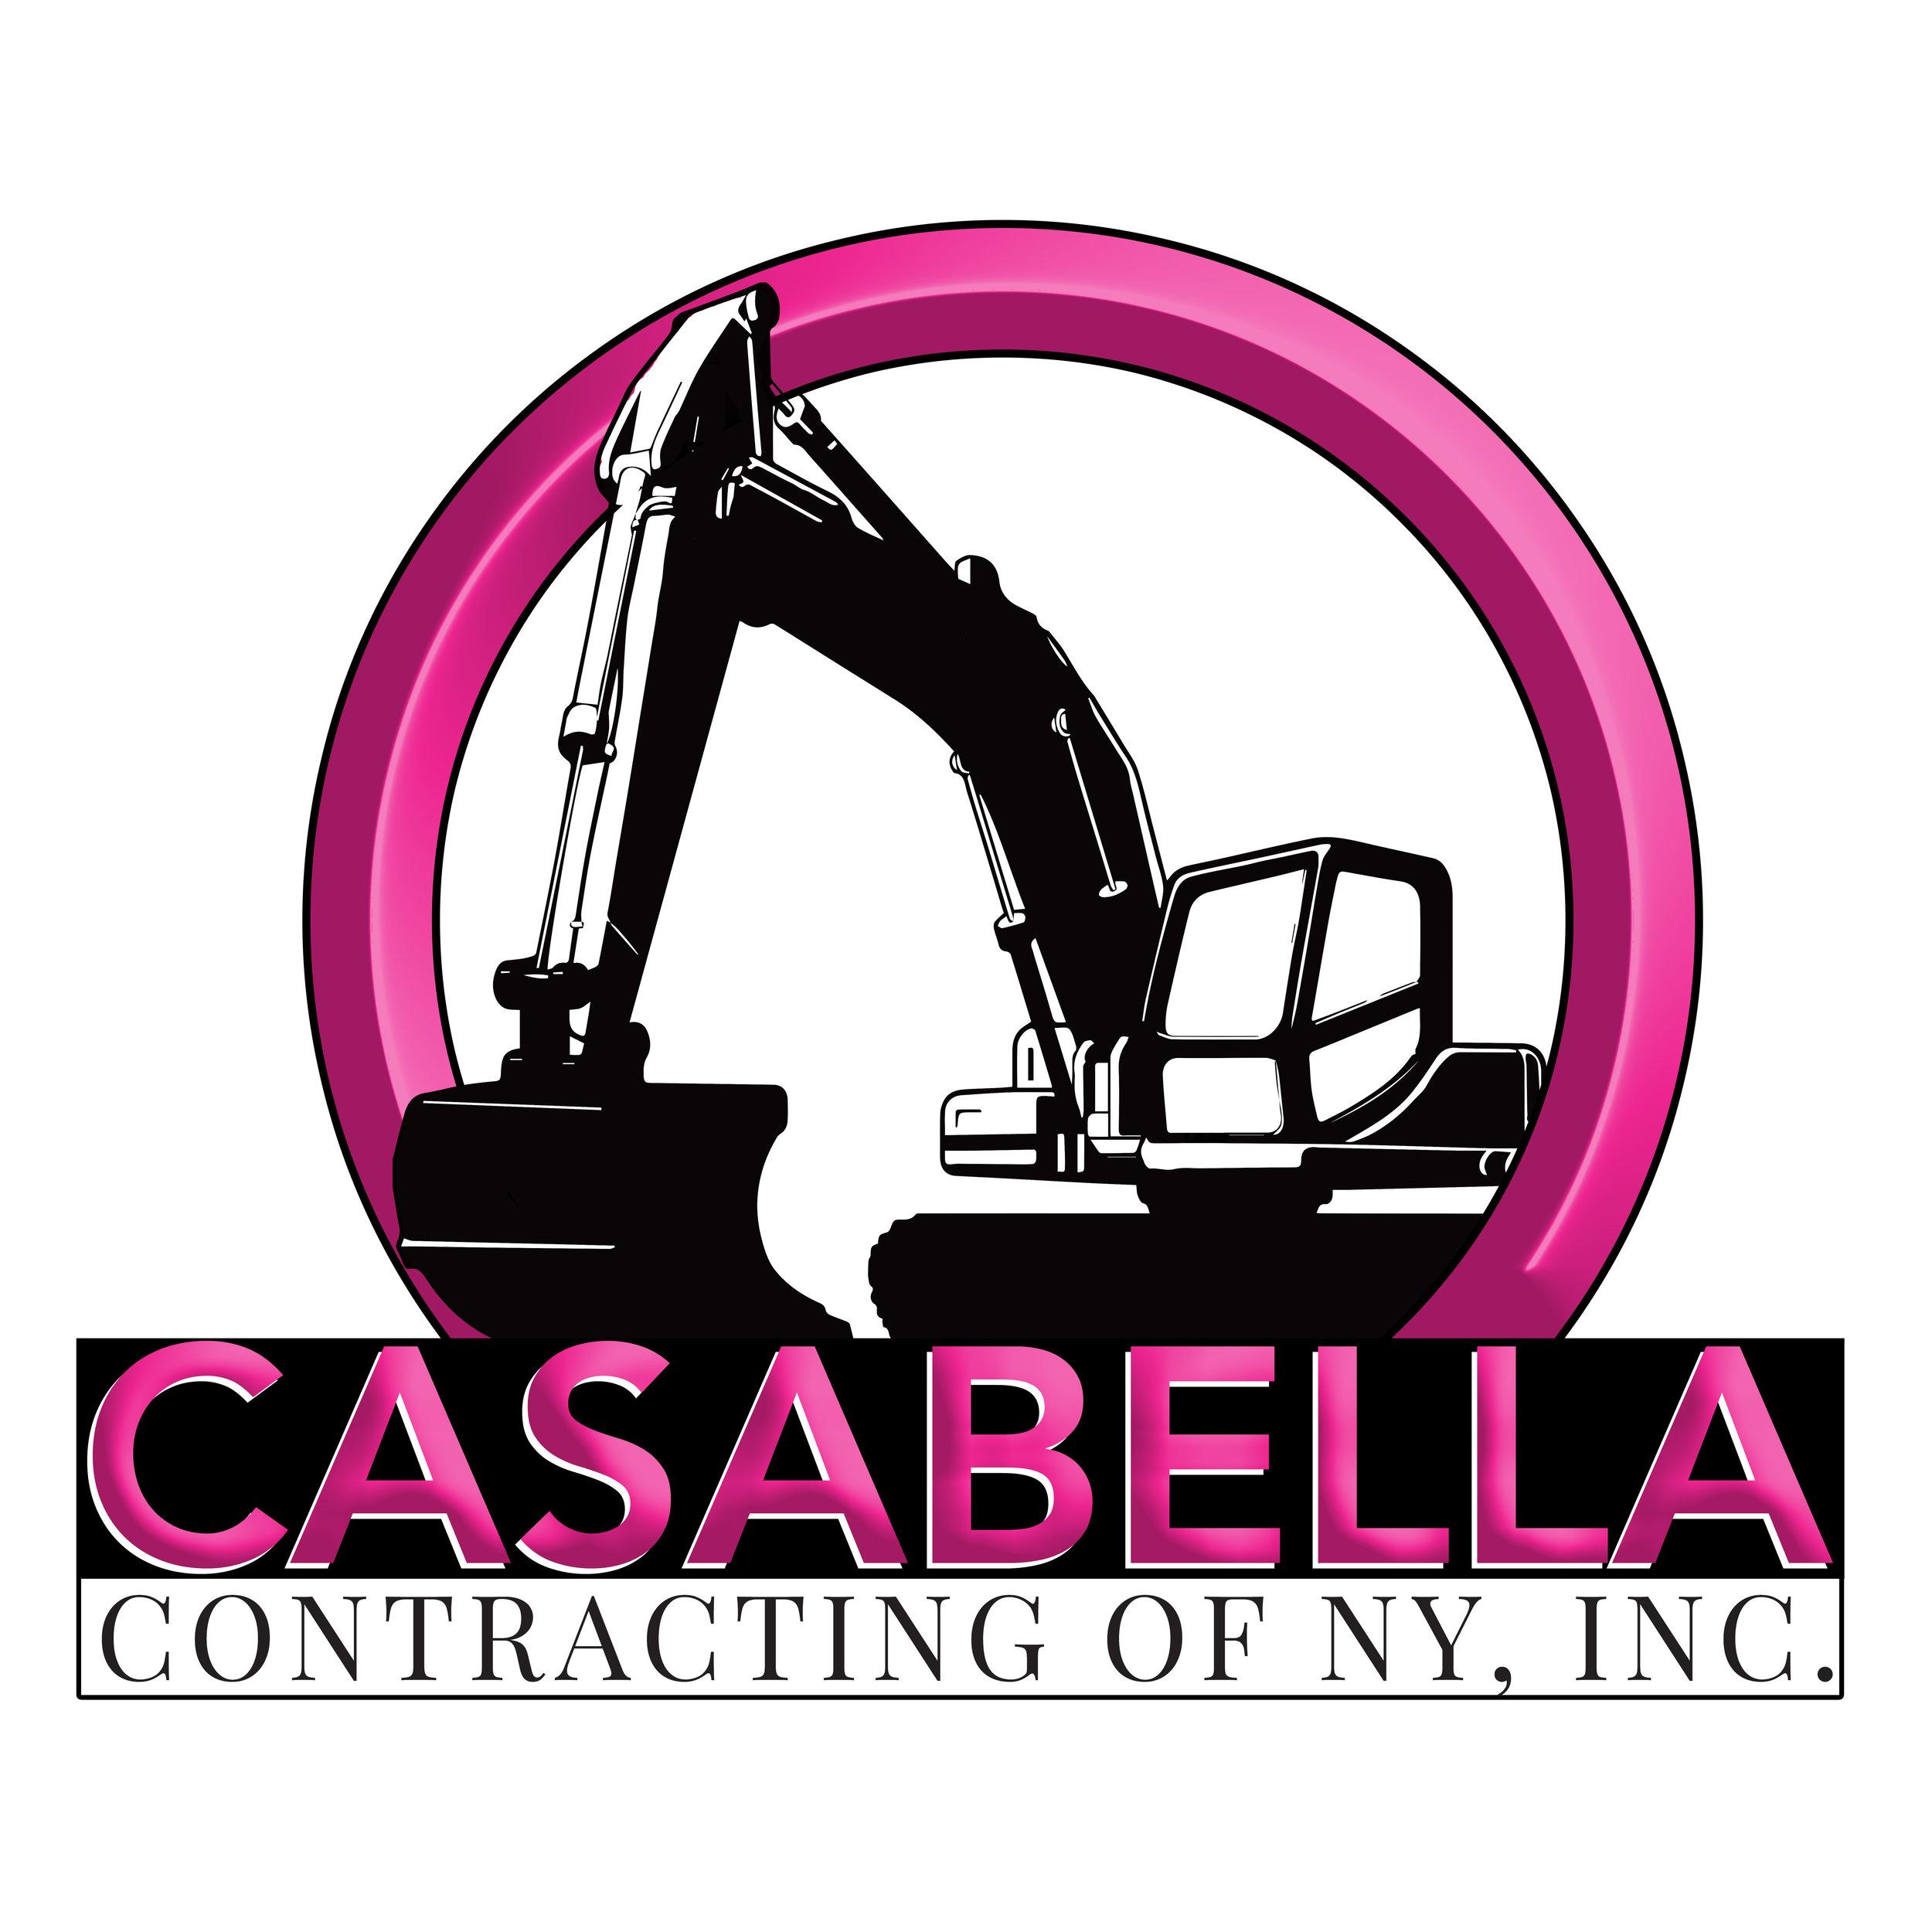 Casabella_logo_final_white.jpg